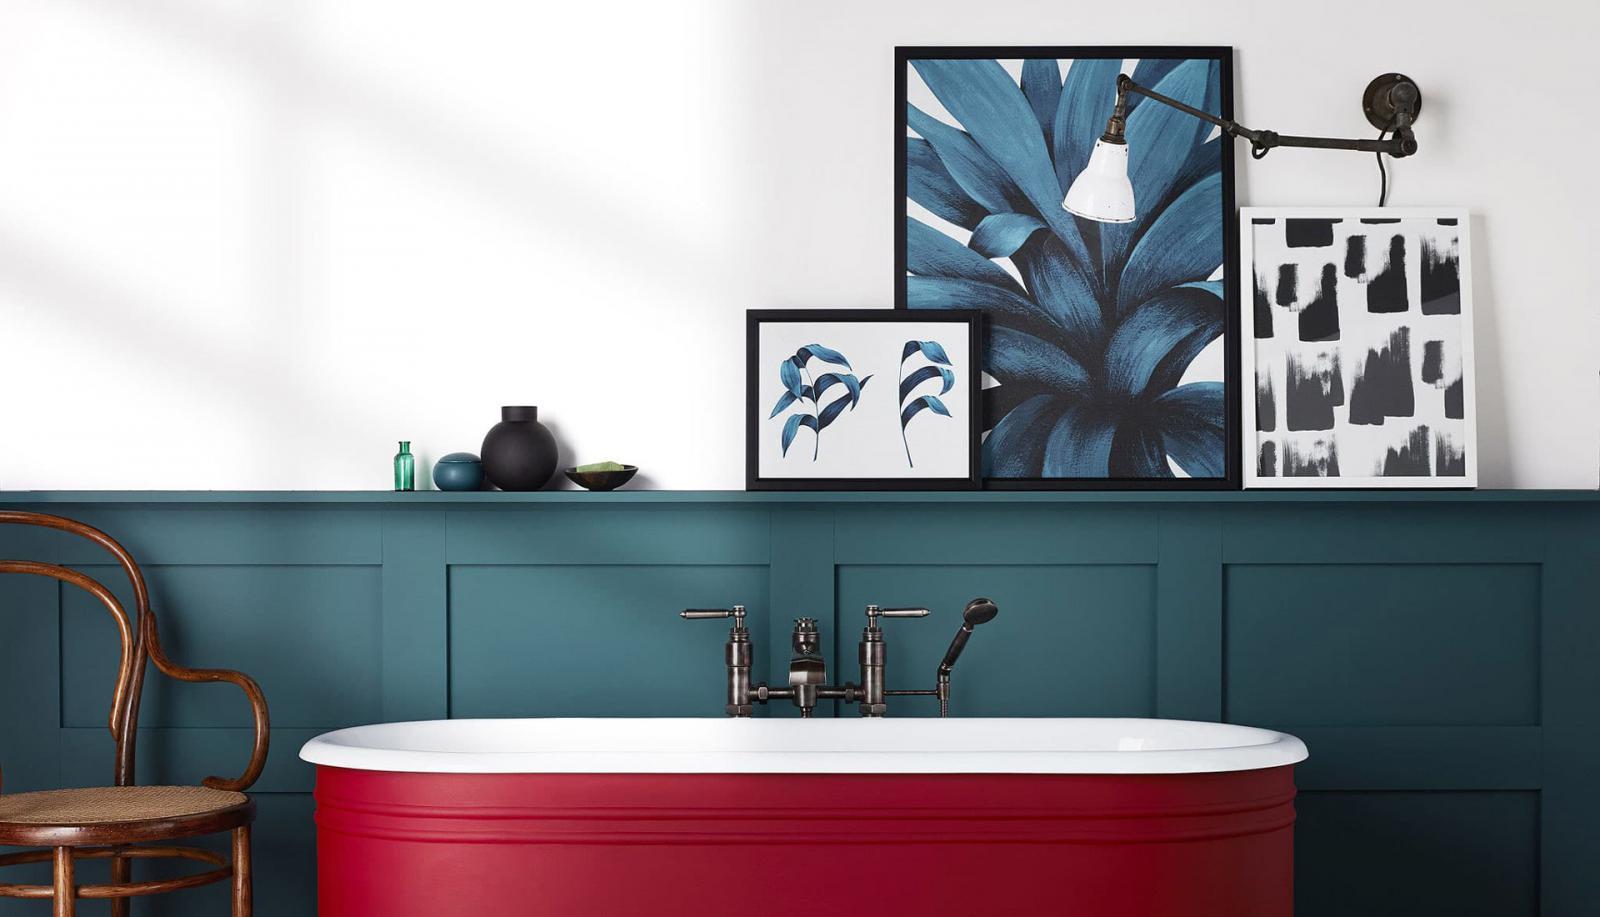 Стиль ванной комнаты: роскошь или минимализм